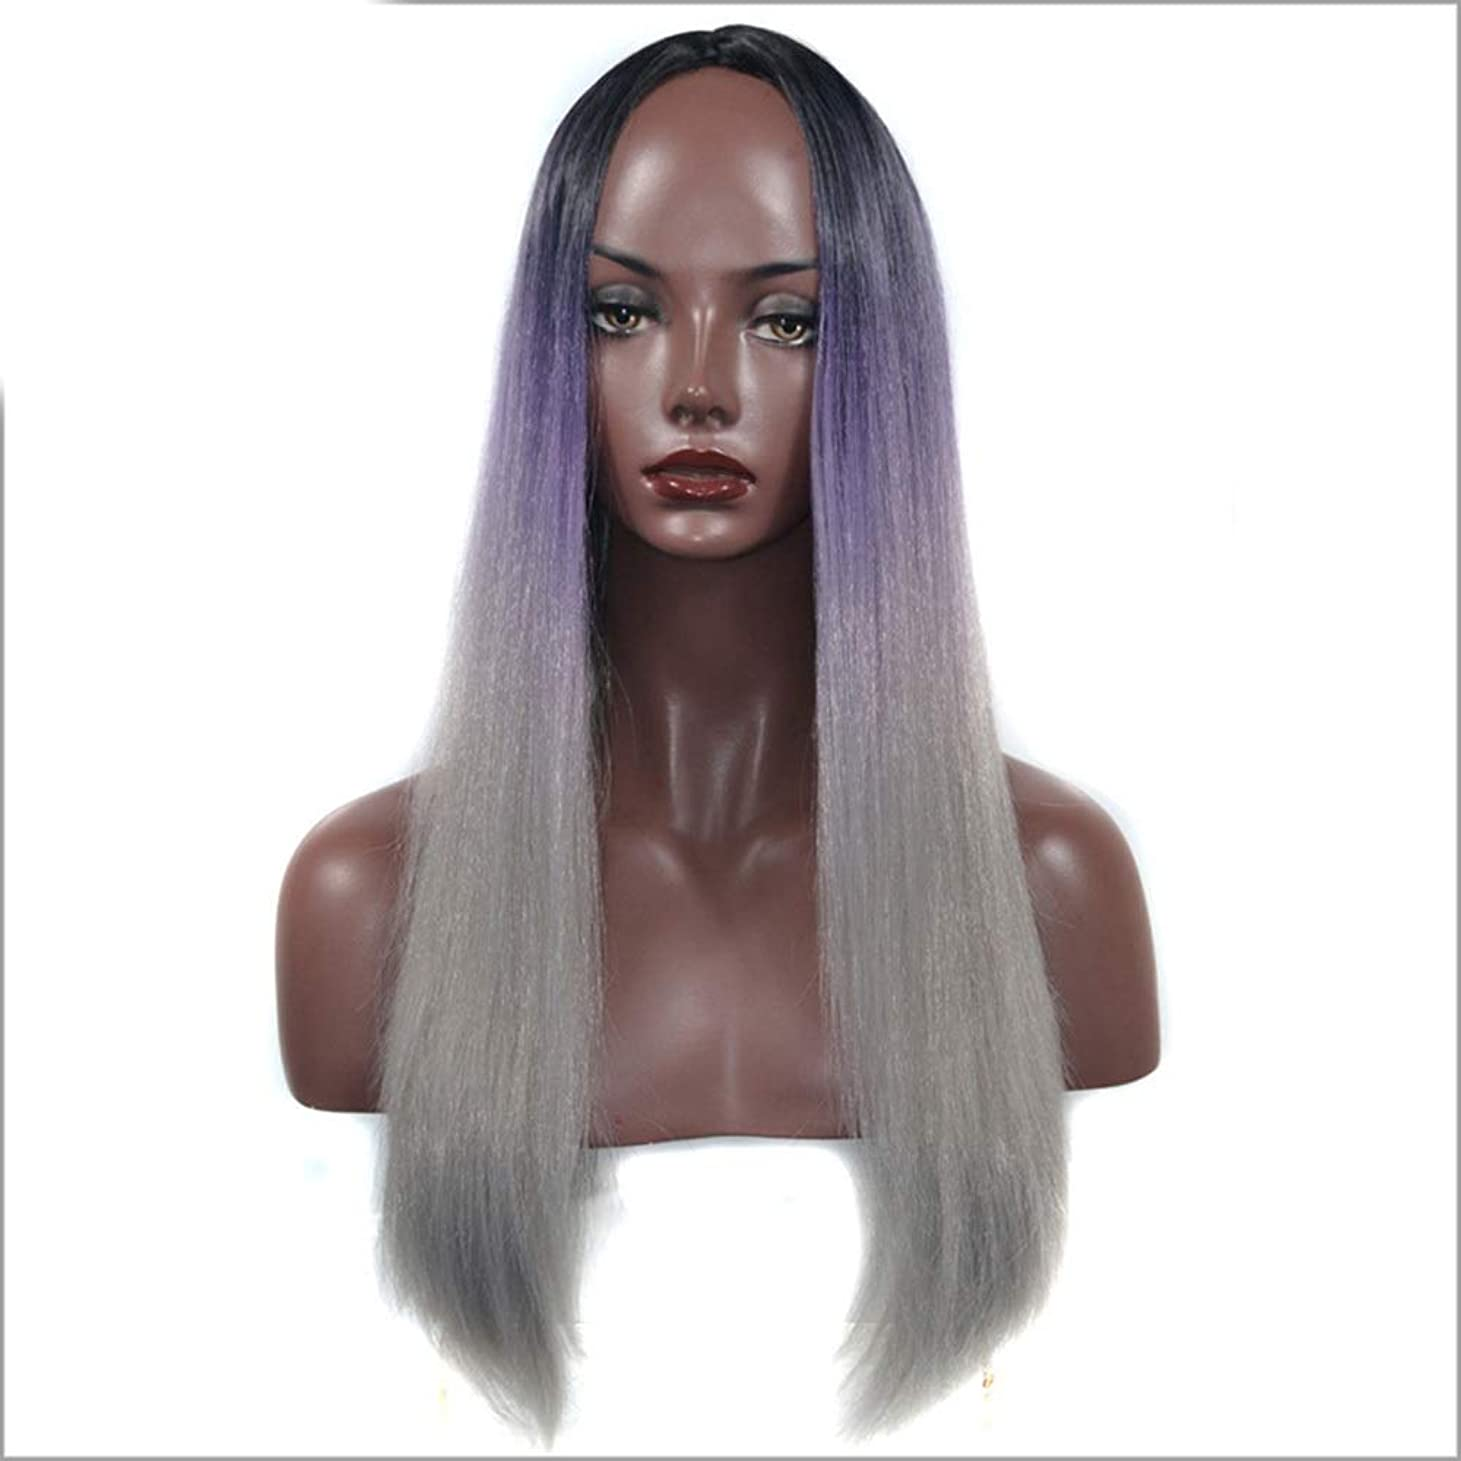 知っているに立ち寄る番号渇きYESONEEP 女性のためのコスプレパーティードレスのための黒の紫色の長いストレートの髪のかつら (Color : Black purple gray, サイズ : 60cm)